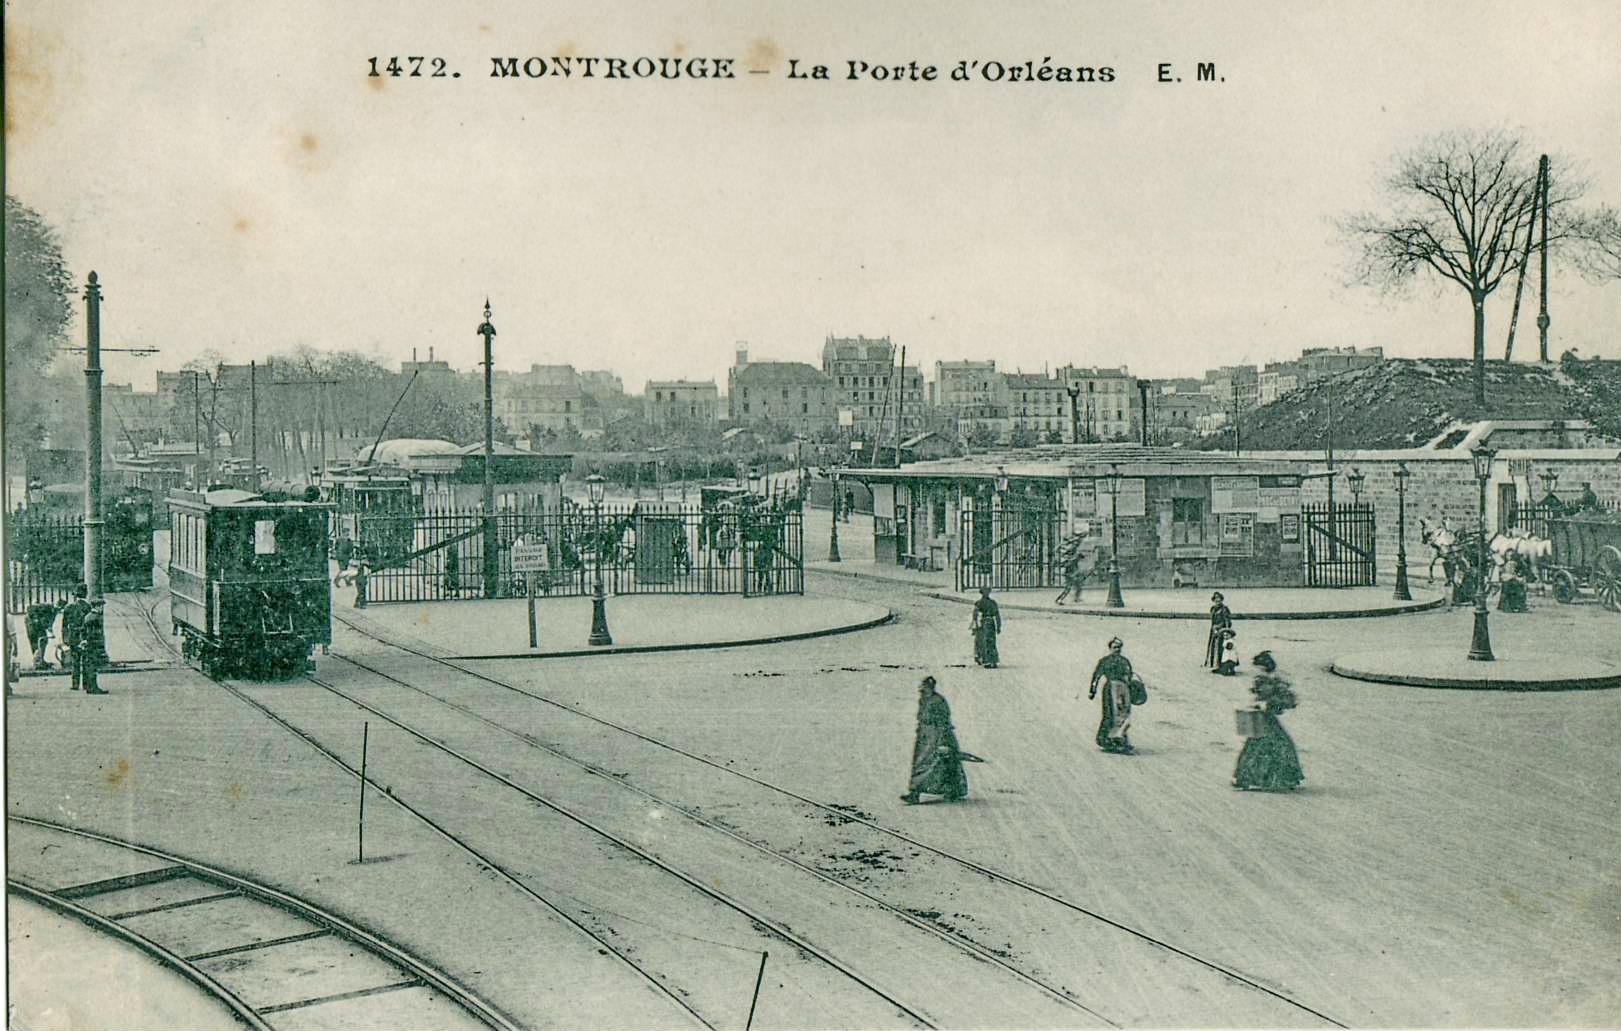 File:EM 1472 - MONTROUGE - La Porte d'Orléans.